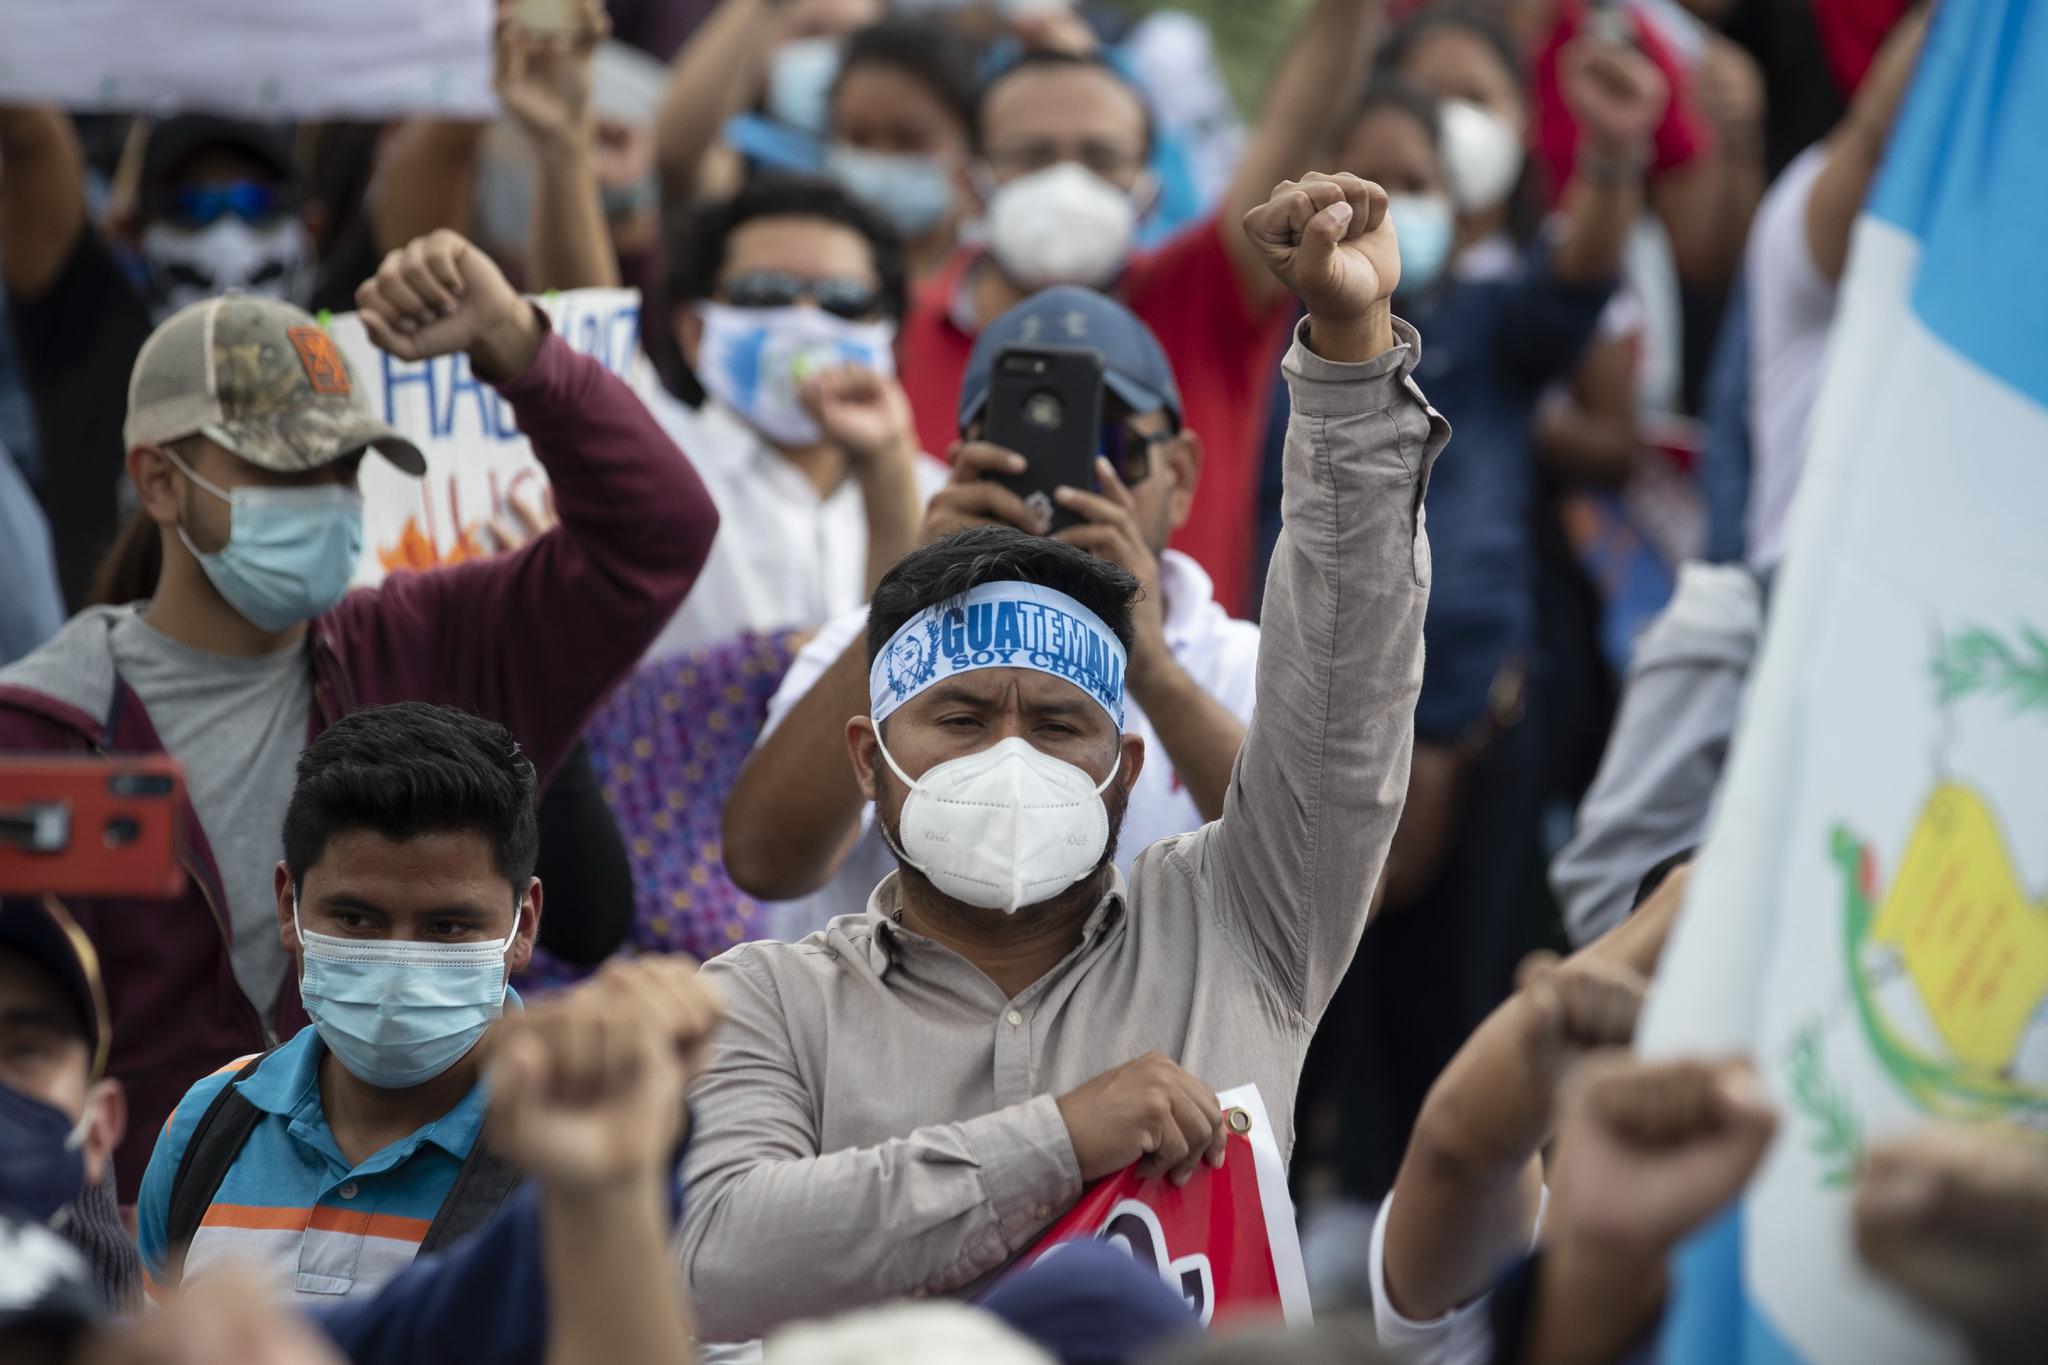 시위대가 21 일 흙손 말라 국회 의사당 주변에 집결하고있다. 이 날 수도뿐만 아니라, 과테말라 각지에서 2021 년 예산 거부 시위가 열렸다. AP 통신